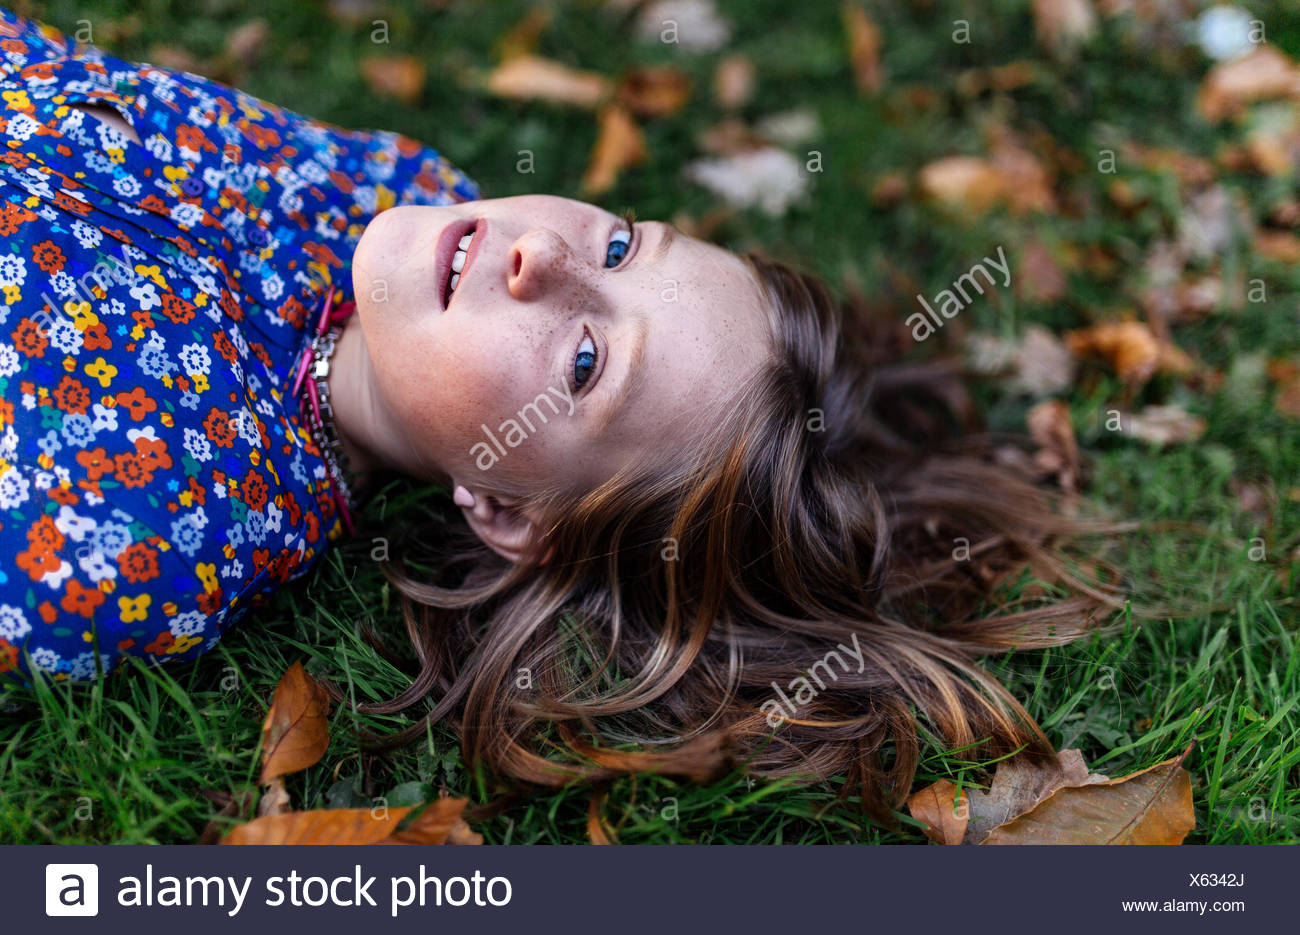 Retrato de niña acostada sobre una pradera Imagen De Stock